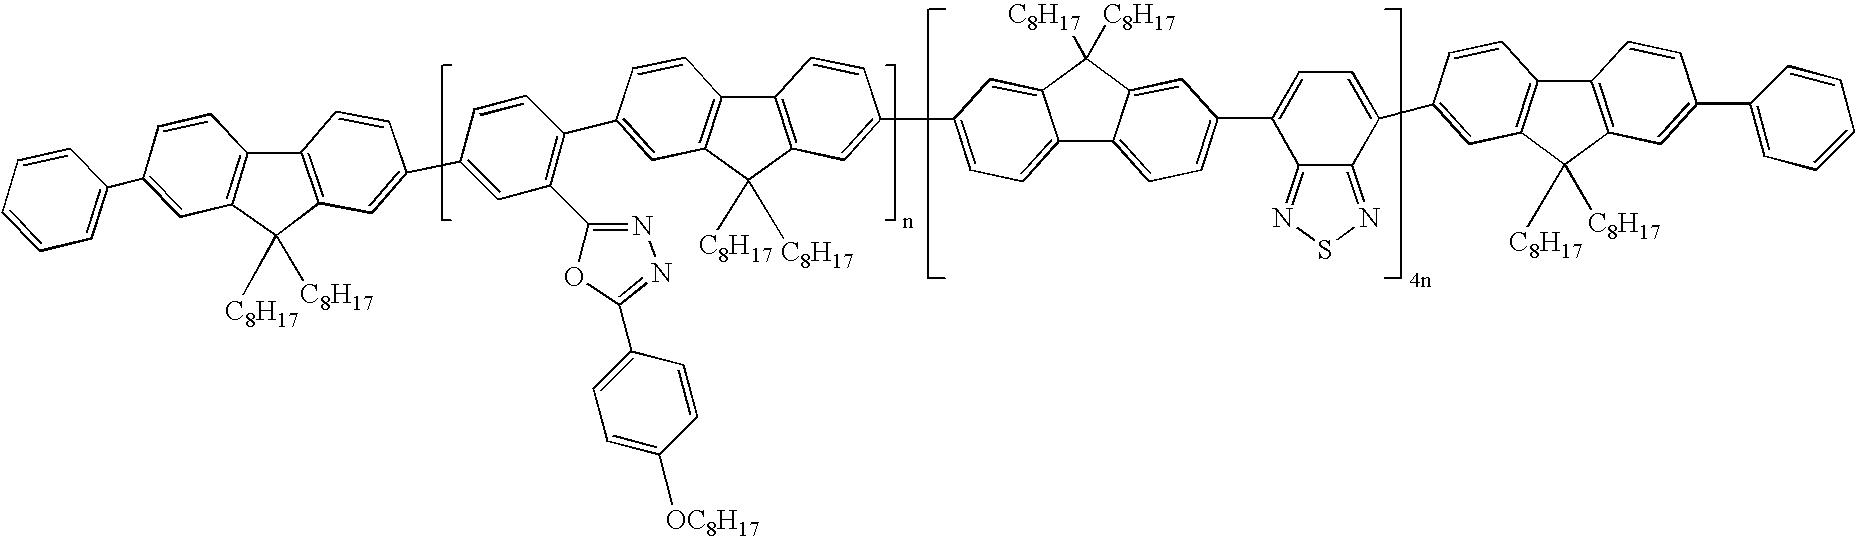 Figure US20040062930A1-20040401-C00070